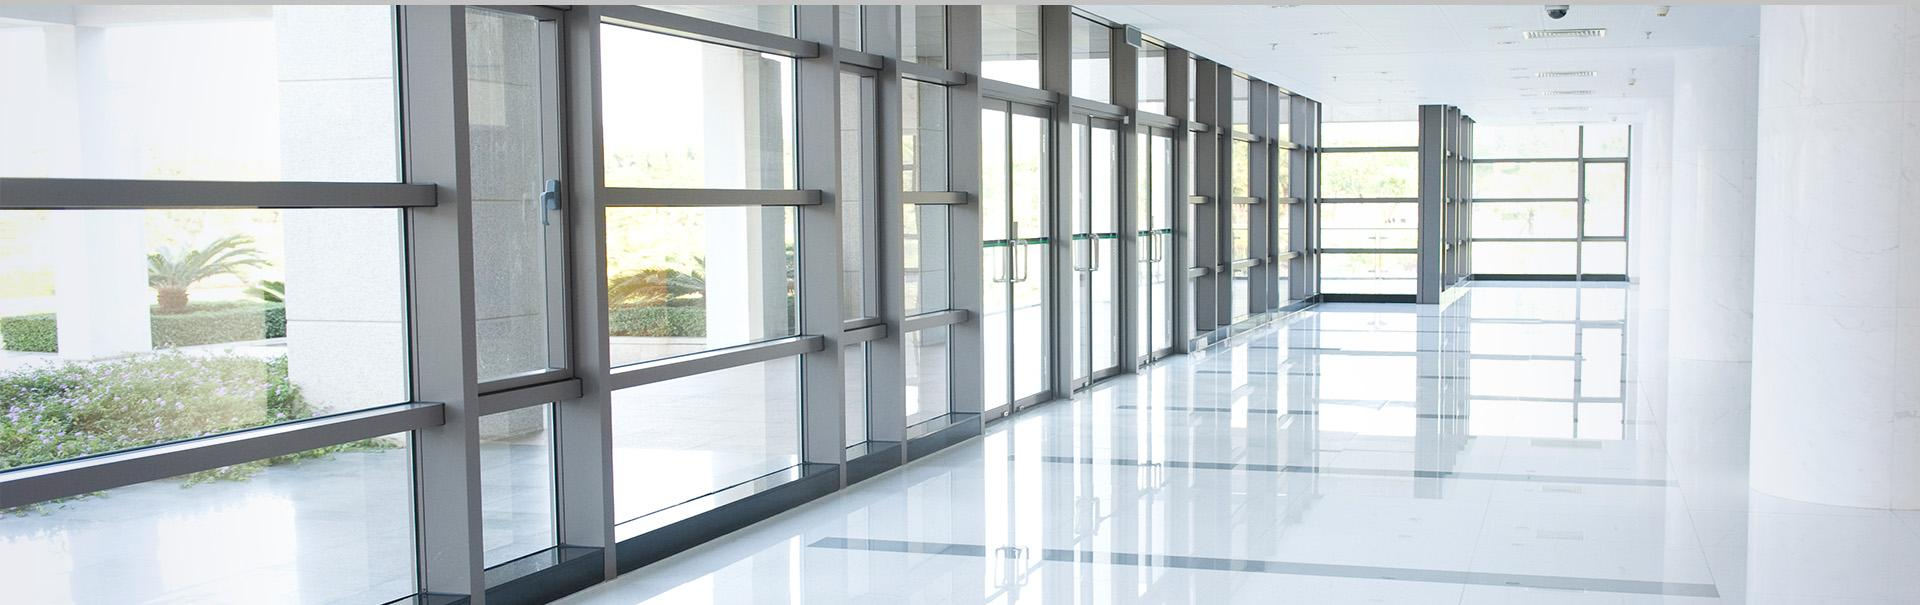 Carpinter a aluminio sabadell pvc o aluminio aluminis for Carpinteria de aluminio precios